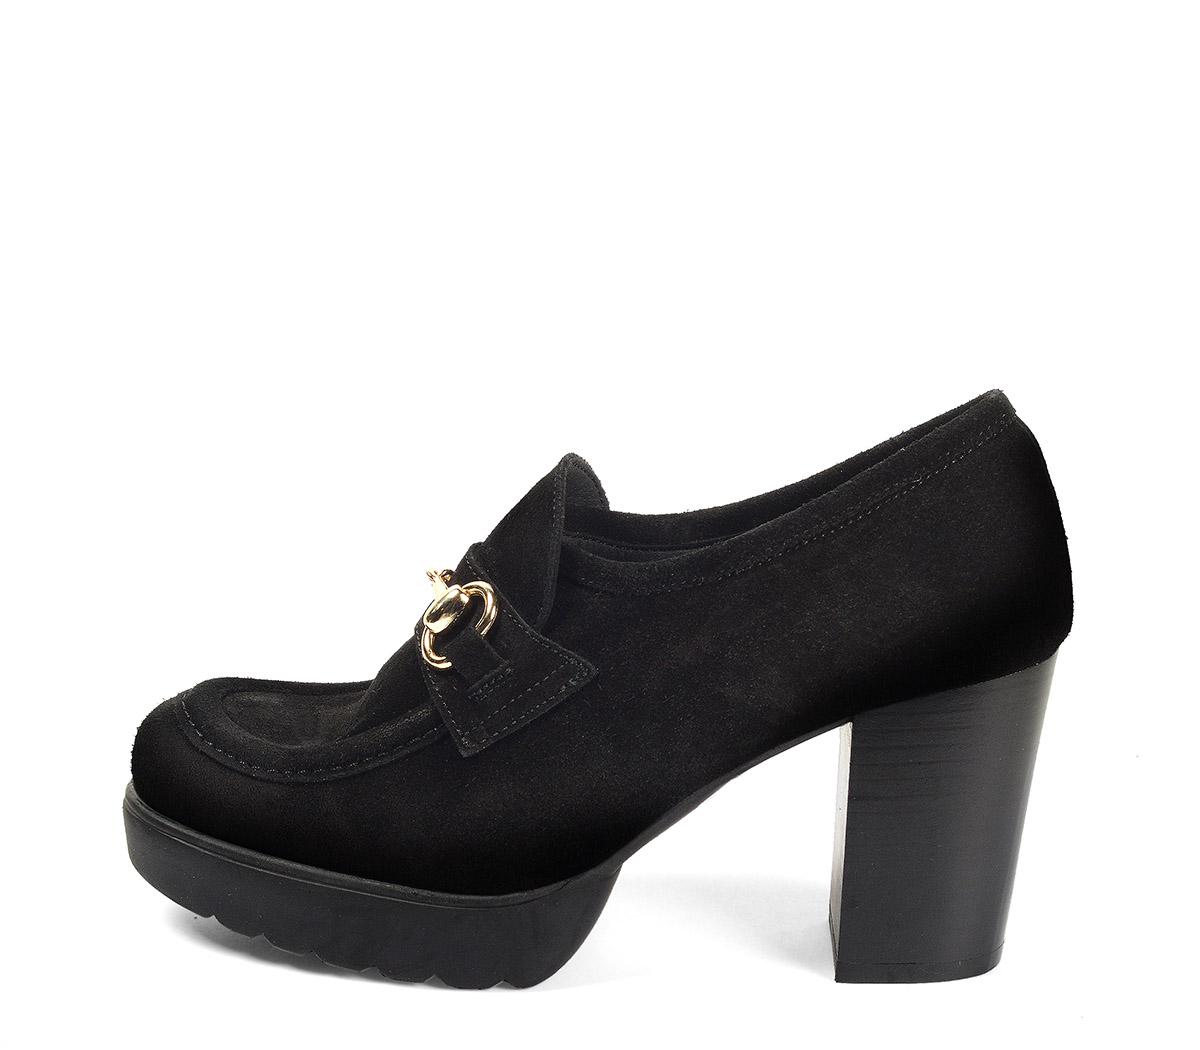 Ref. 4170 Zapato tipo mocasín serraje negro. Detalle dorado en el empeine. Altura tacón 8 cm y plataforma delantera de 2.5 cm.